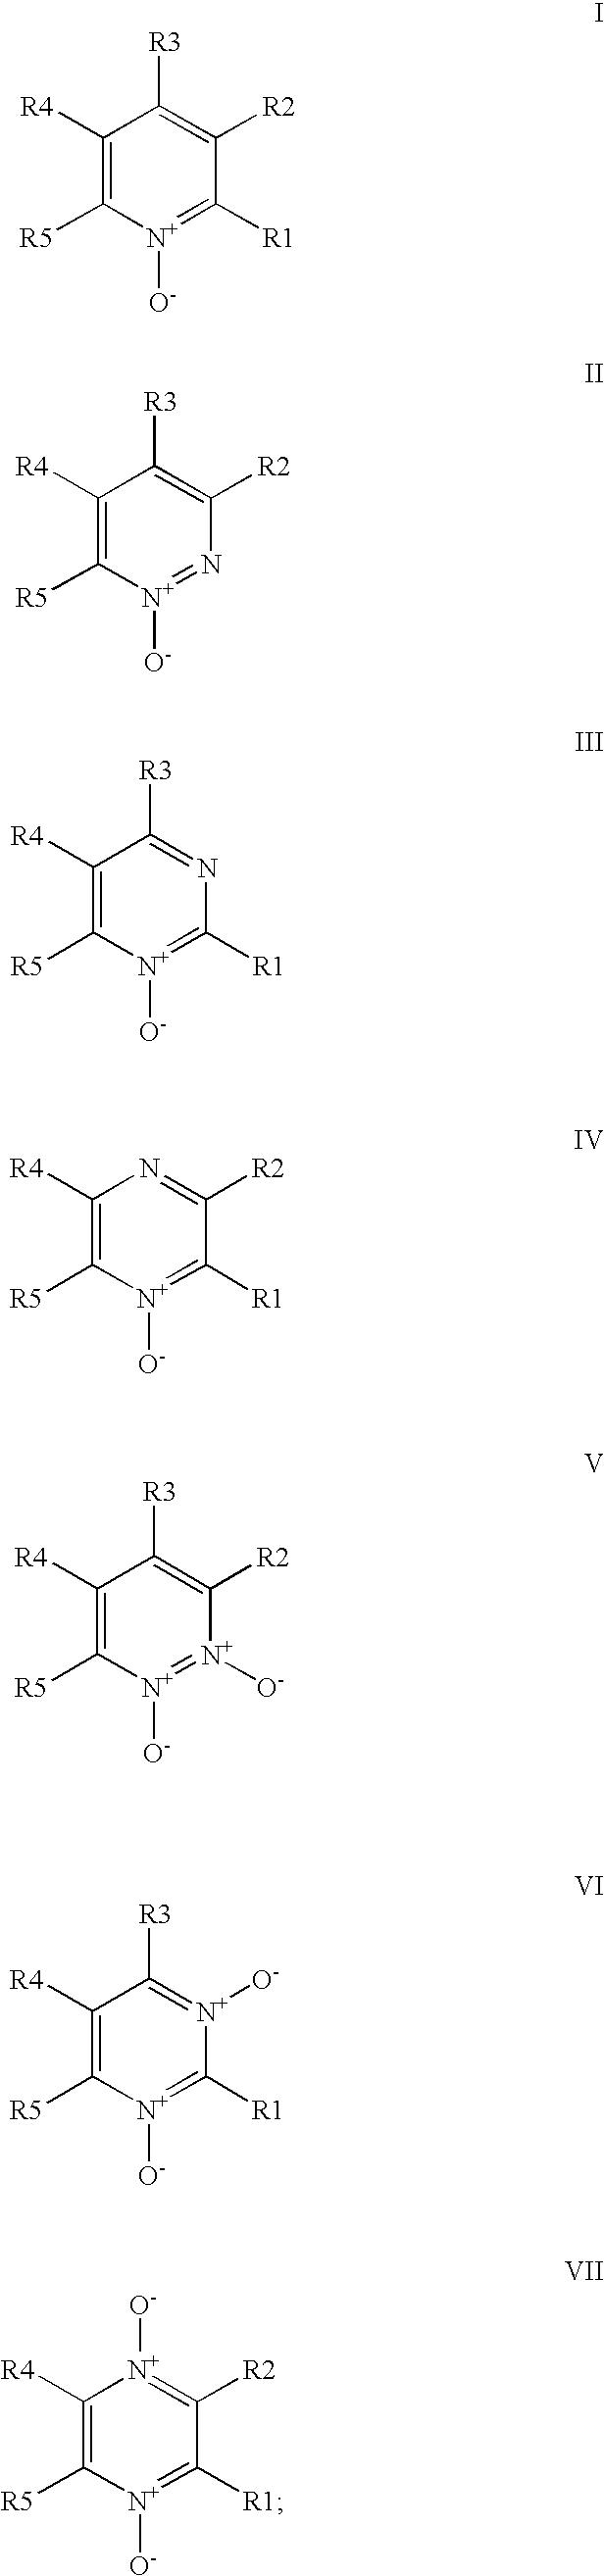 Figure US20060156483A1-20060720-C00022